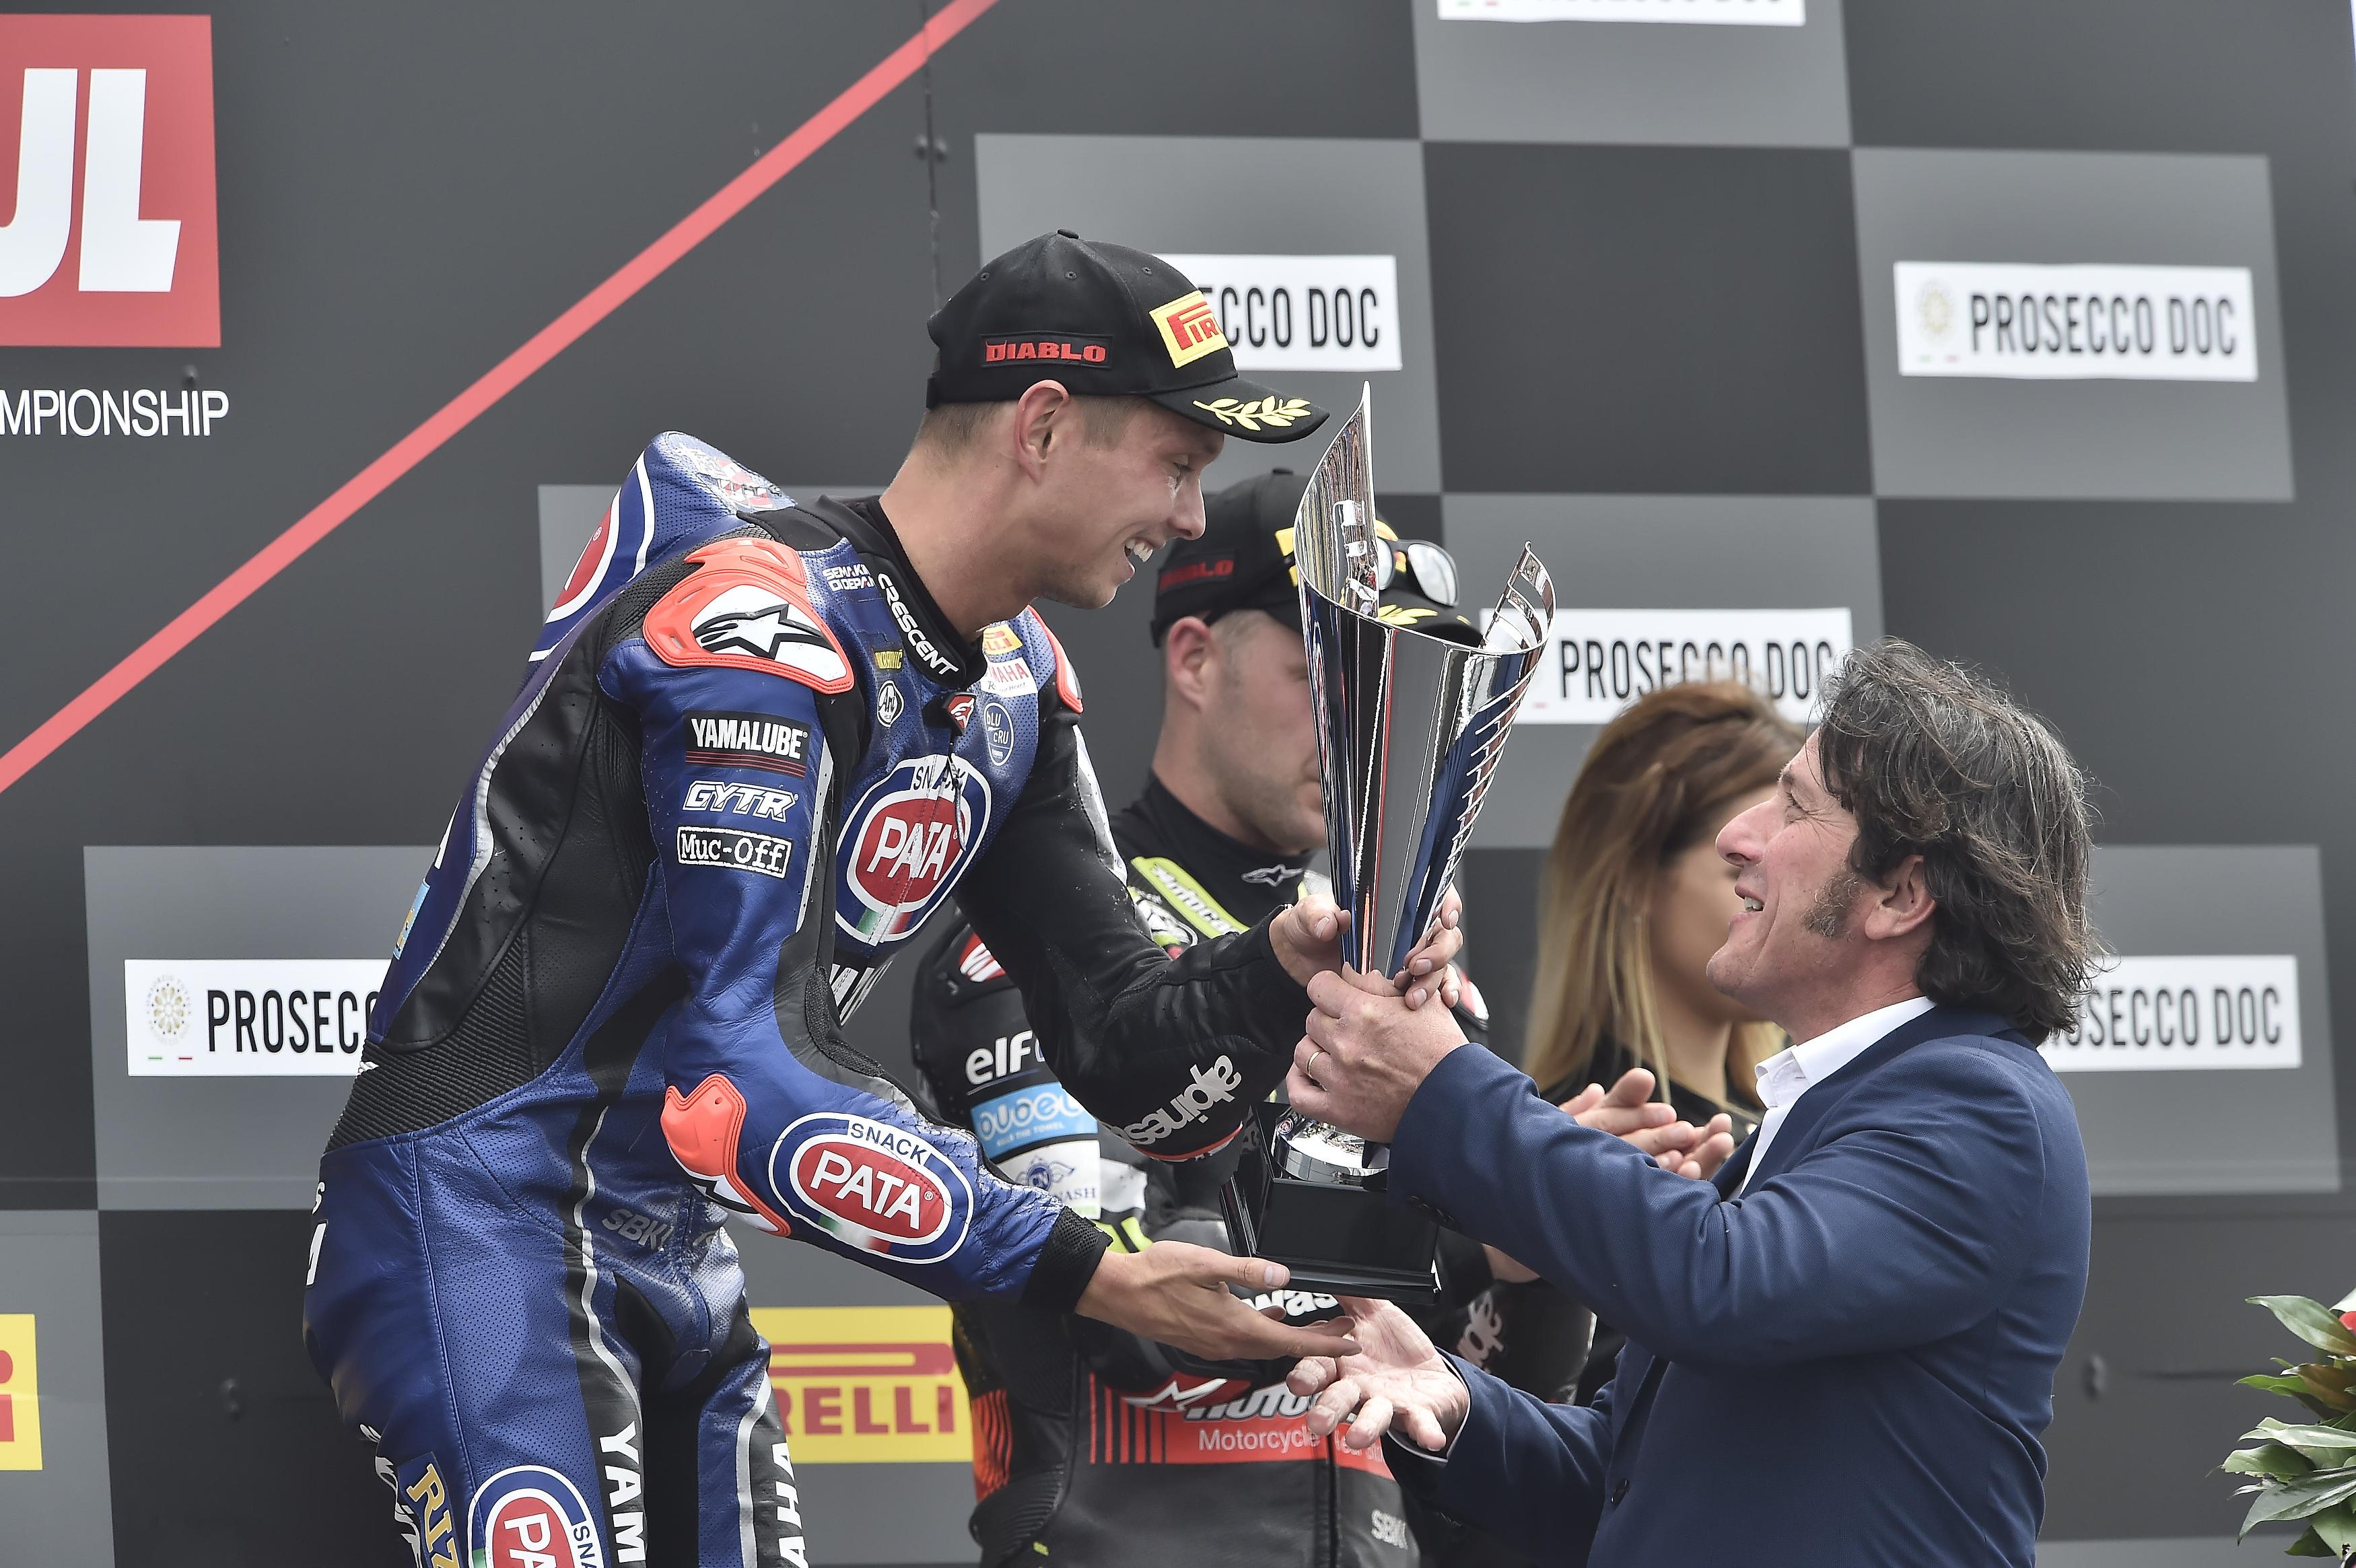 Il Prosecco DOC sale sul podio della MotoGP ™